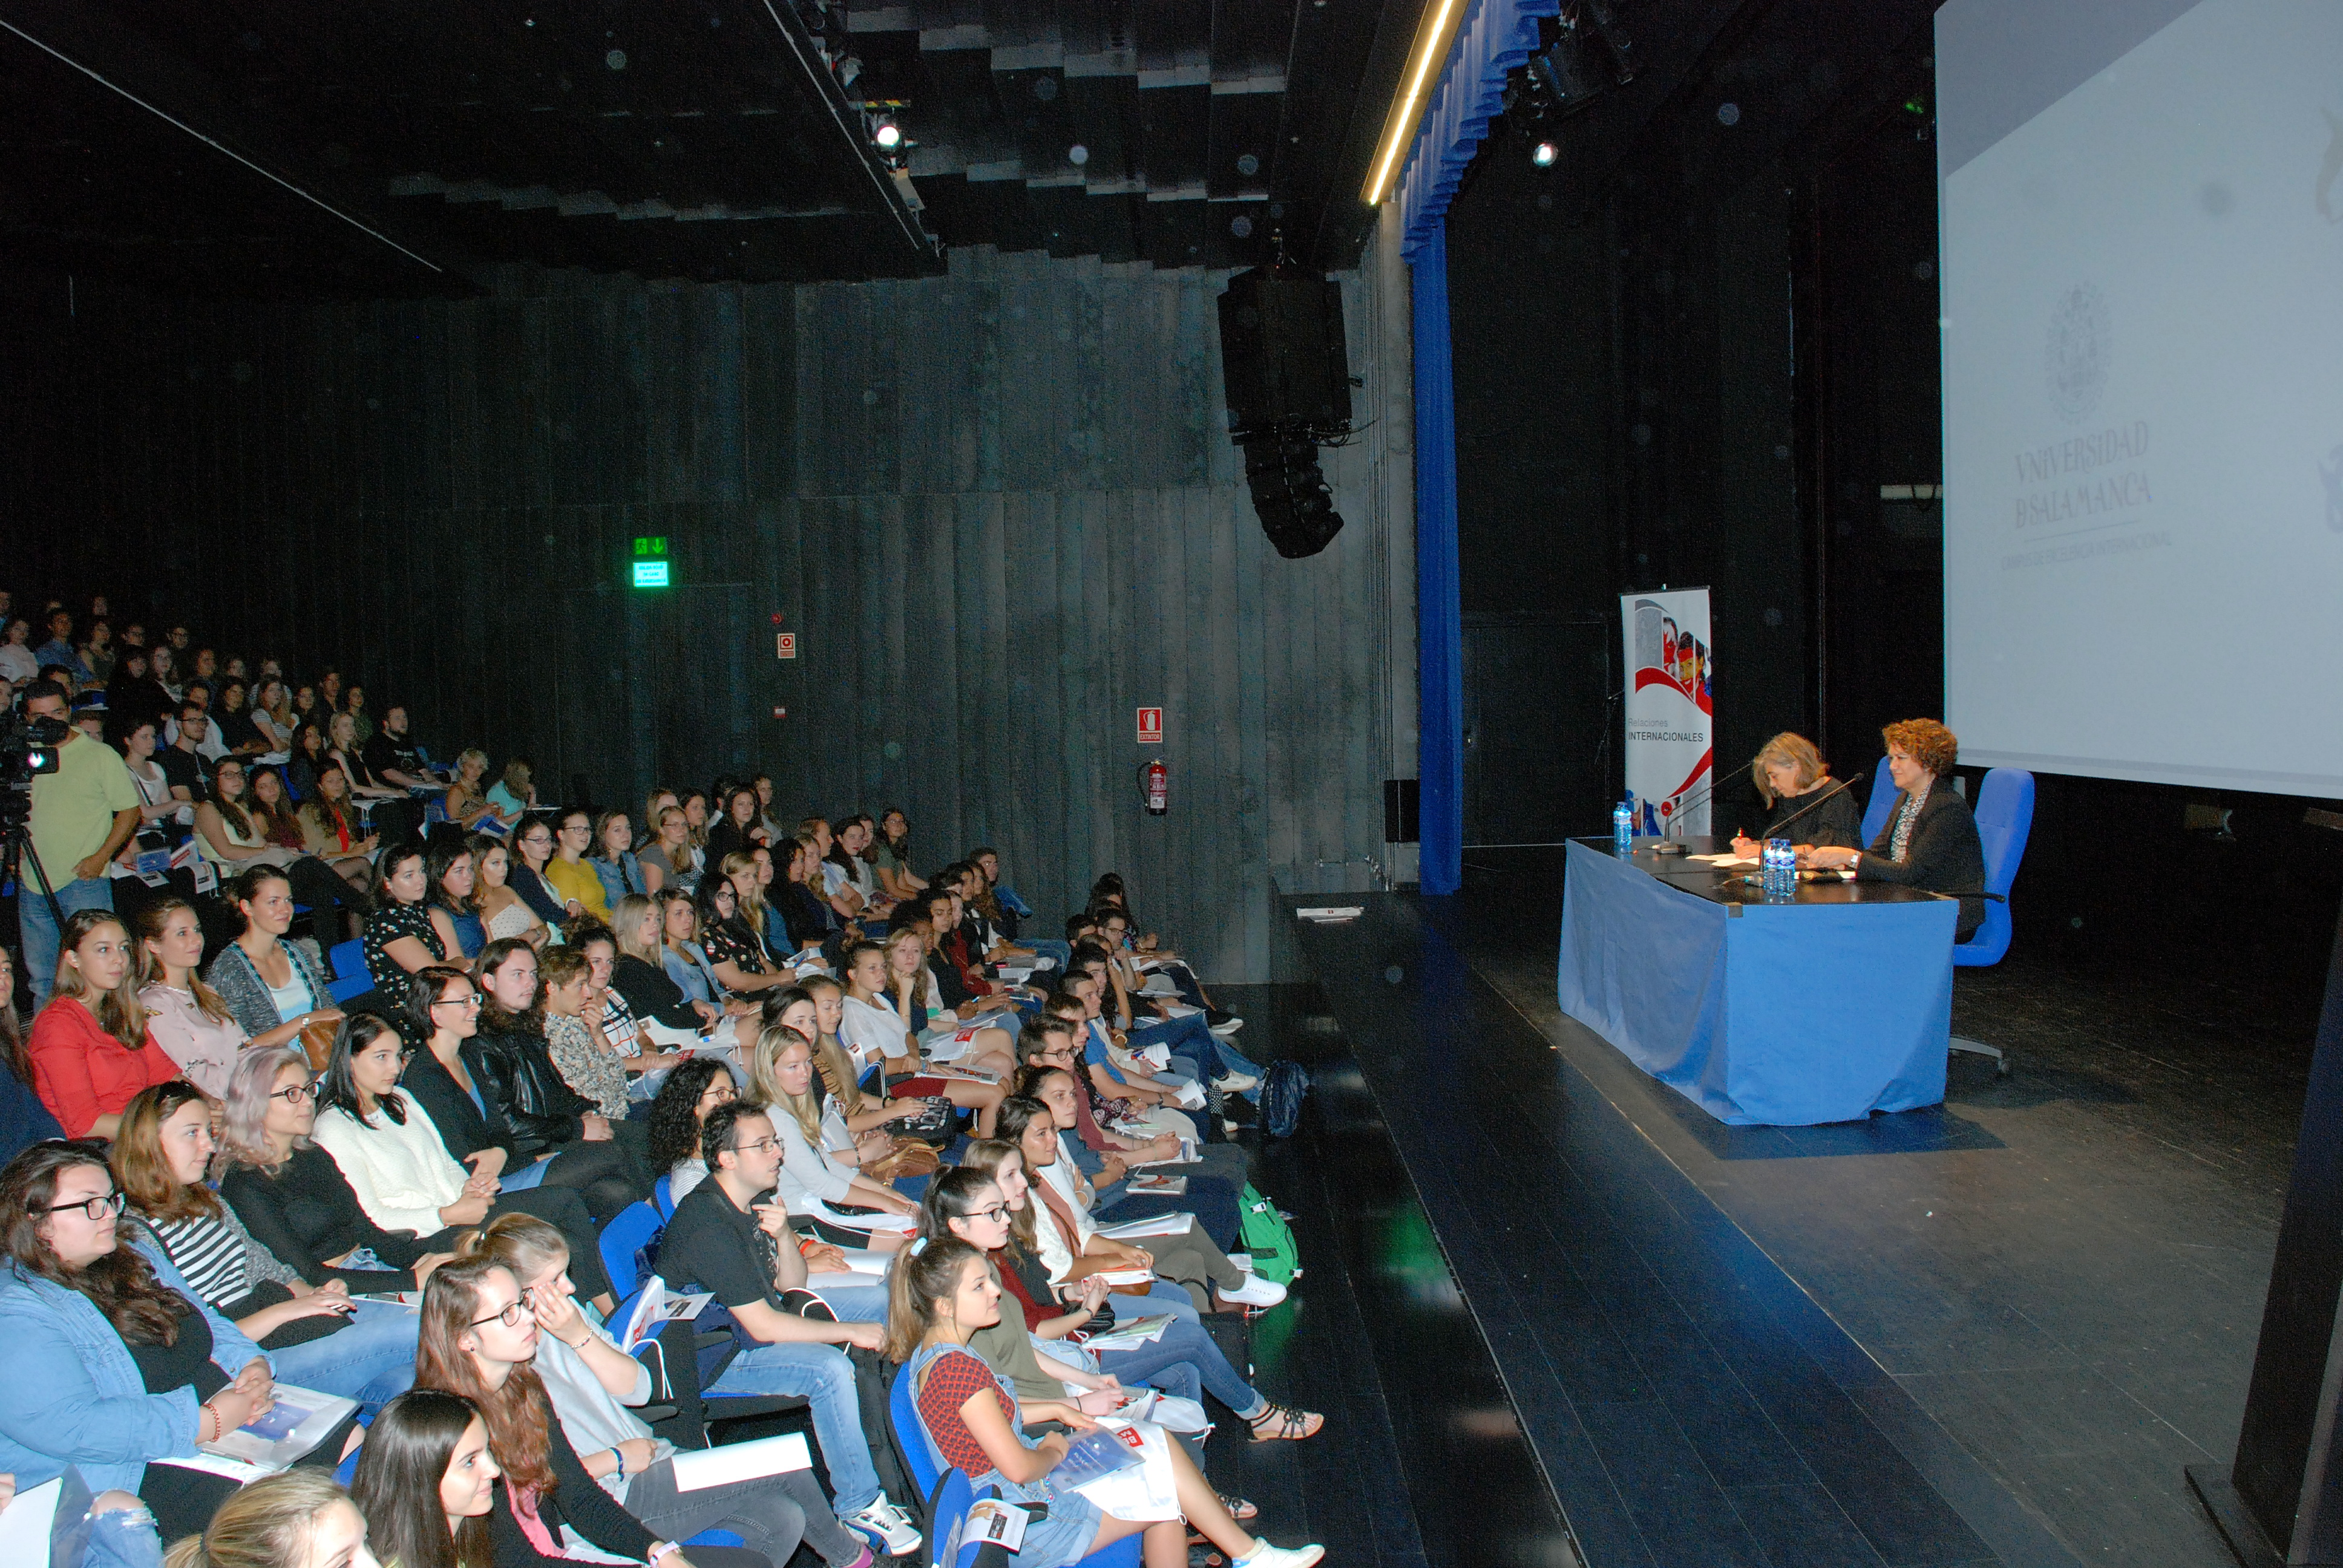 La Universidad de Salamanca recibe a cerca de 750 estudiantes de los programas de movilidad internacional